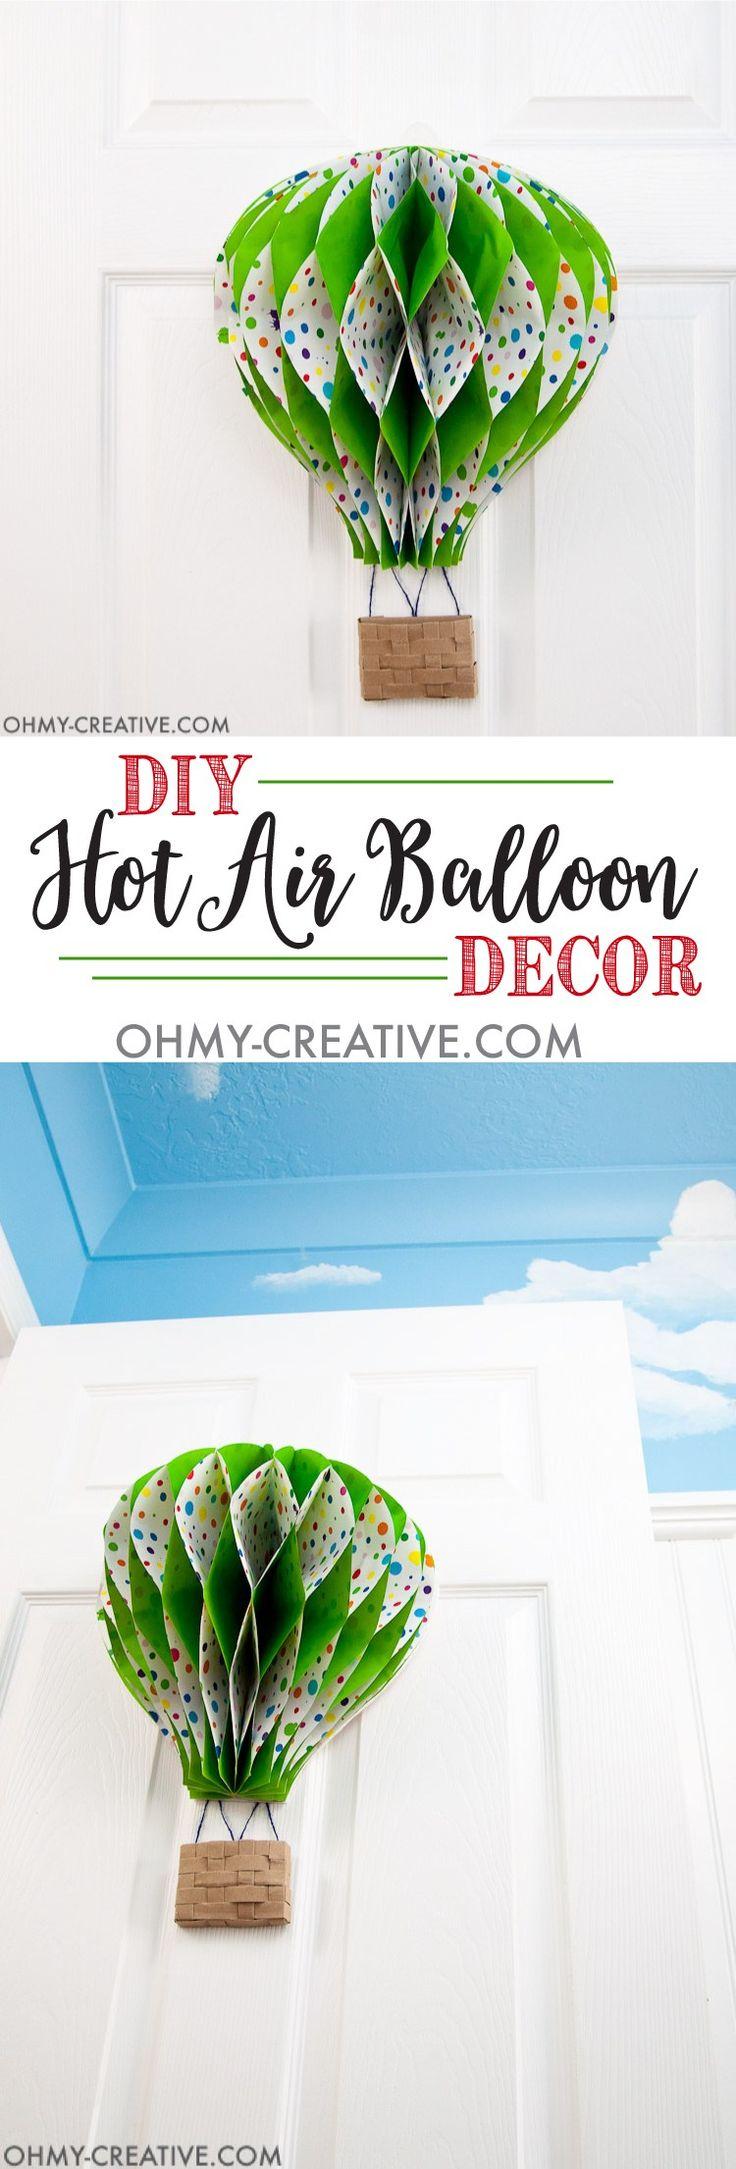 DIY Hot Air Balloon Decor